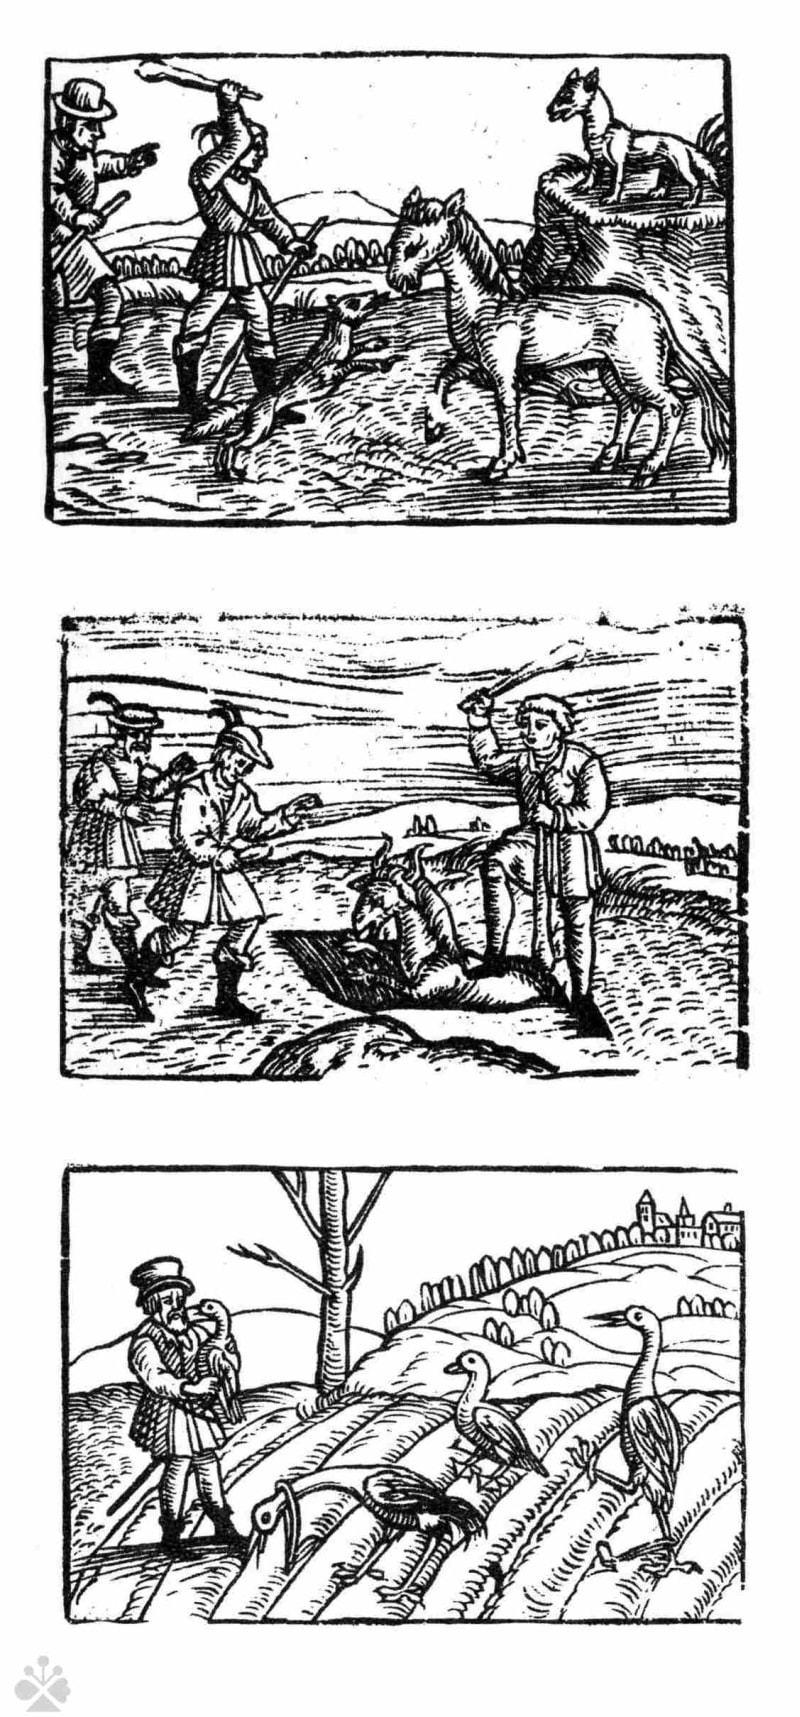 Tradičné spôsoby lovu: ubíjanie zvierat kyjom, chytanie do jamy a chytanie vtákov do slučiek. Prevzaté z: Slovensko. Ľud – II. časť. Bratislava 1975, s. 745.